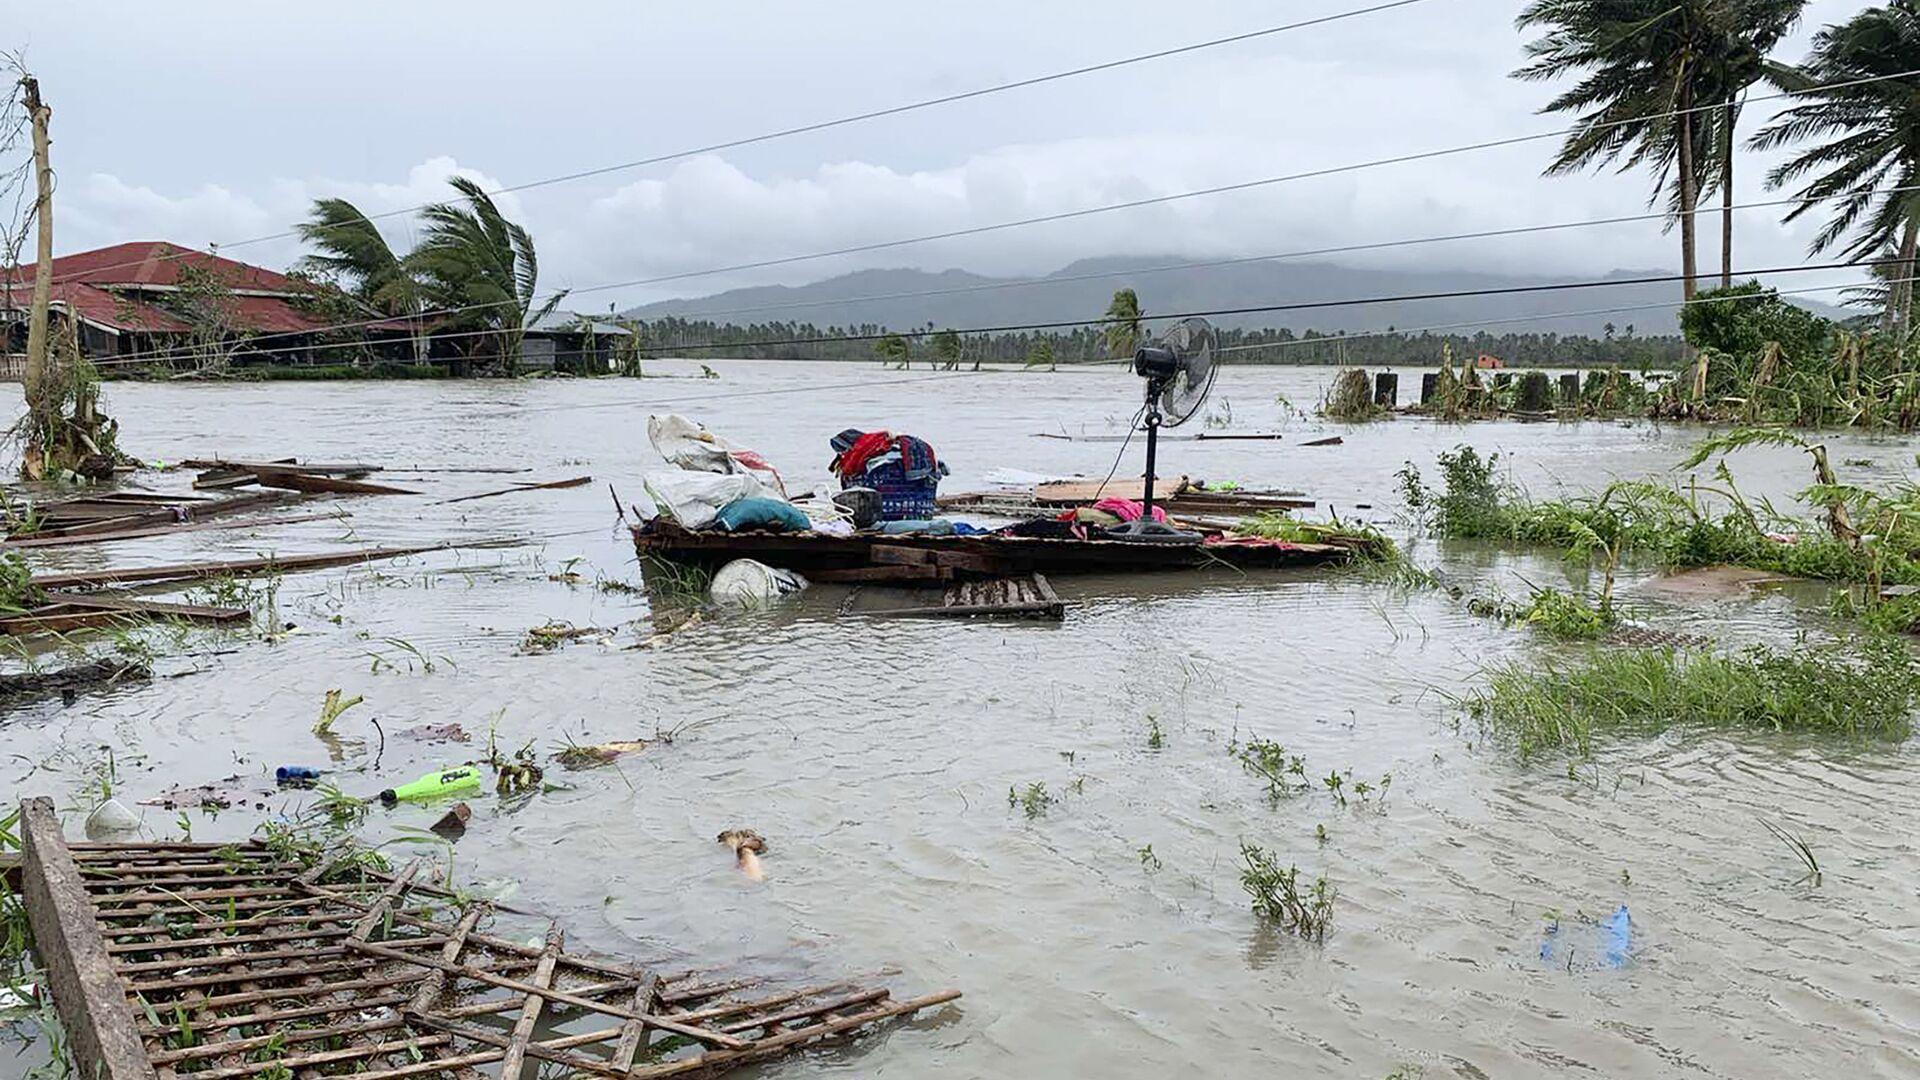 Consecuencias del tifón Quinta en Filipinas, 2020 - Sputnik Mundo, 1920, 24.07.2021